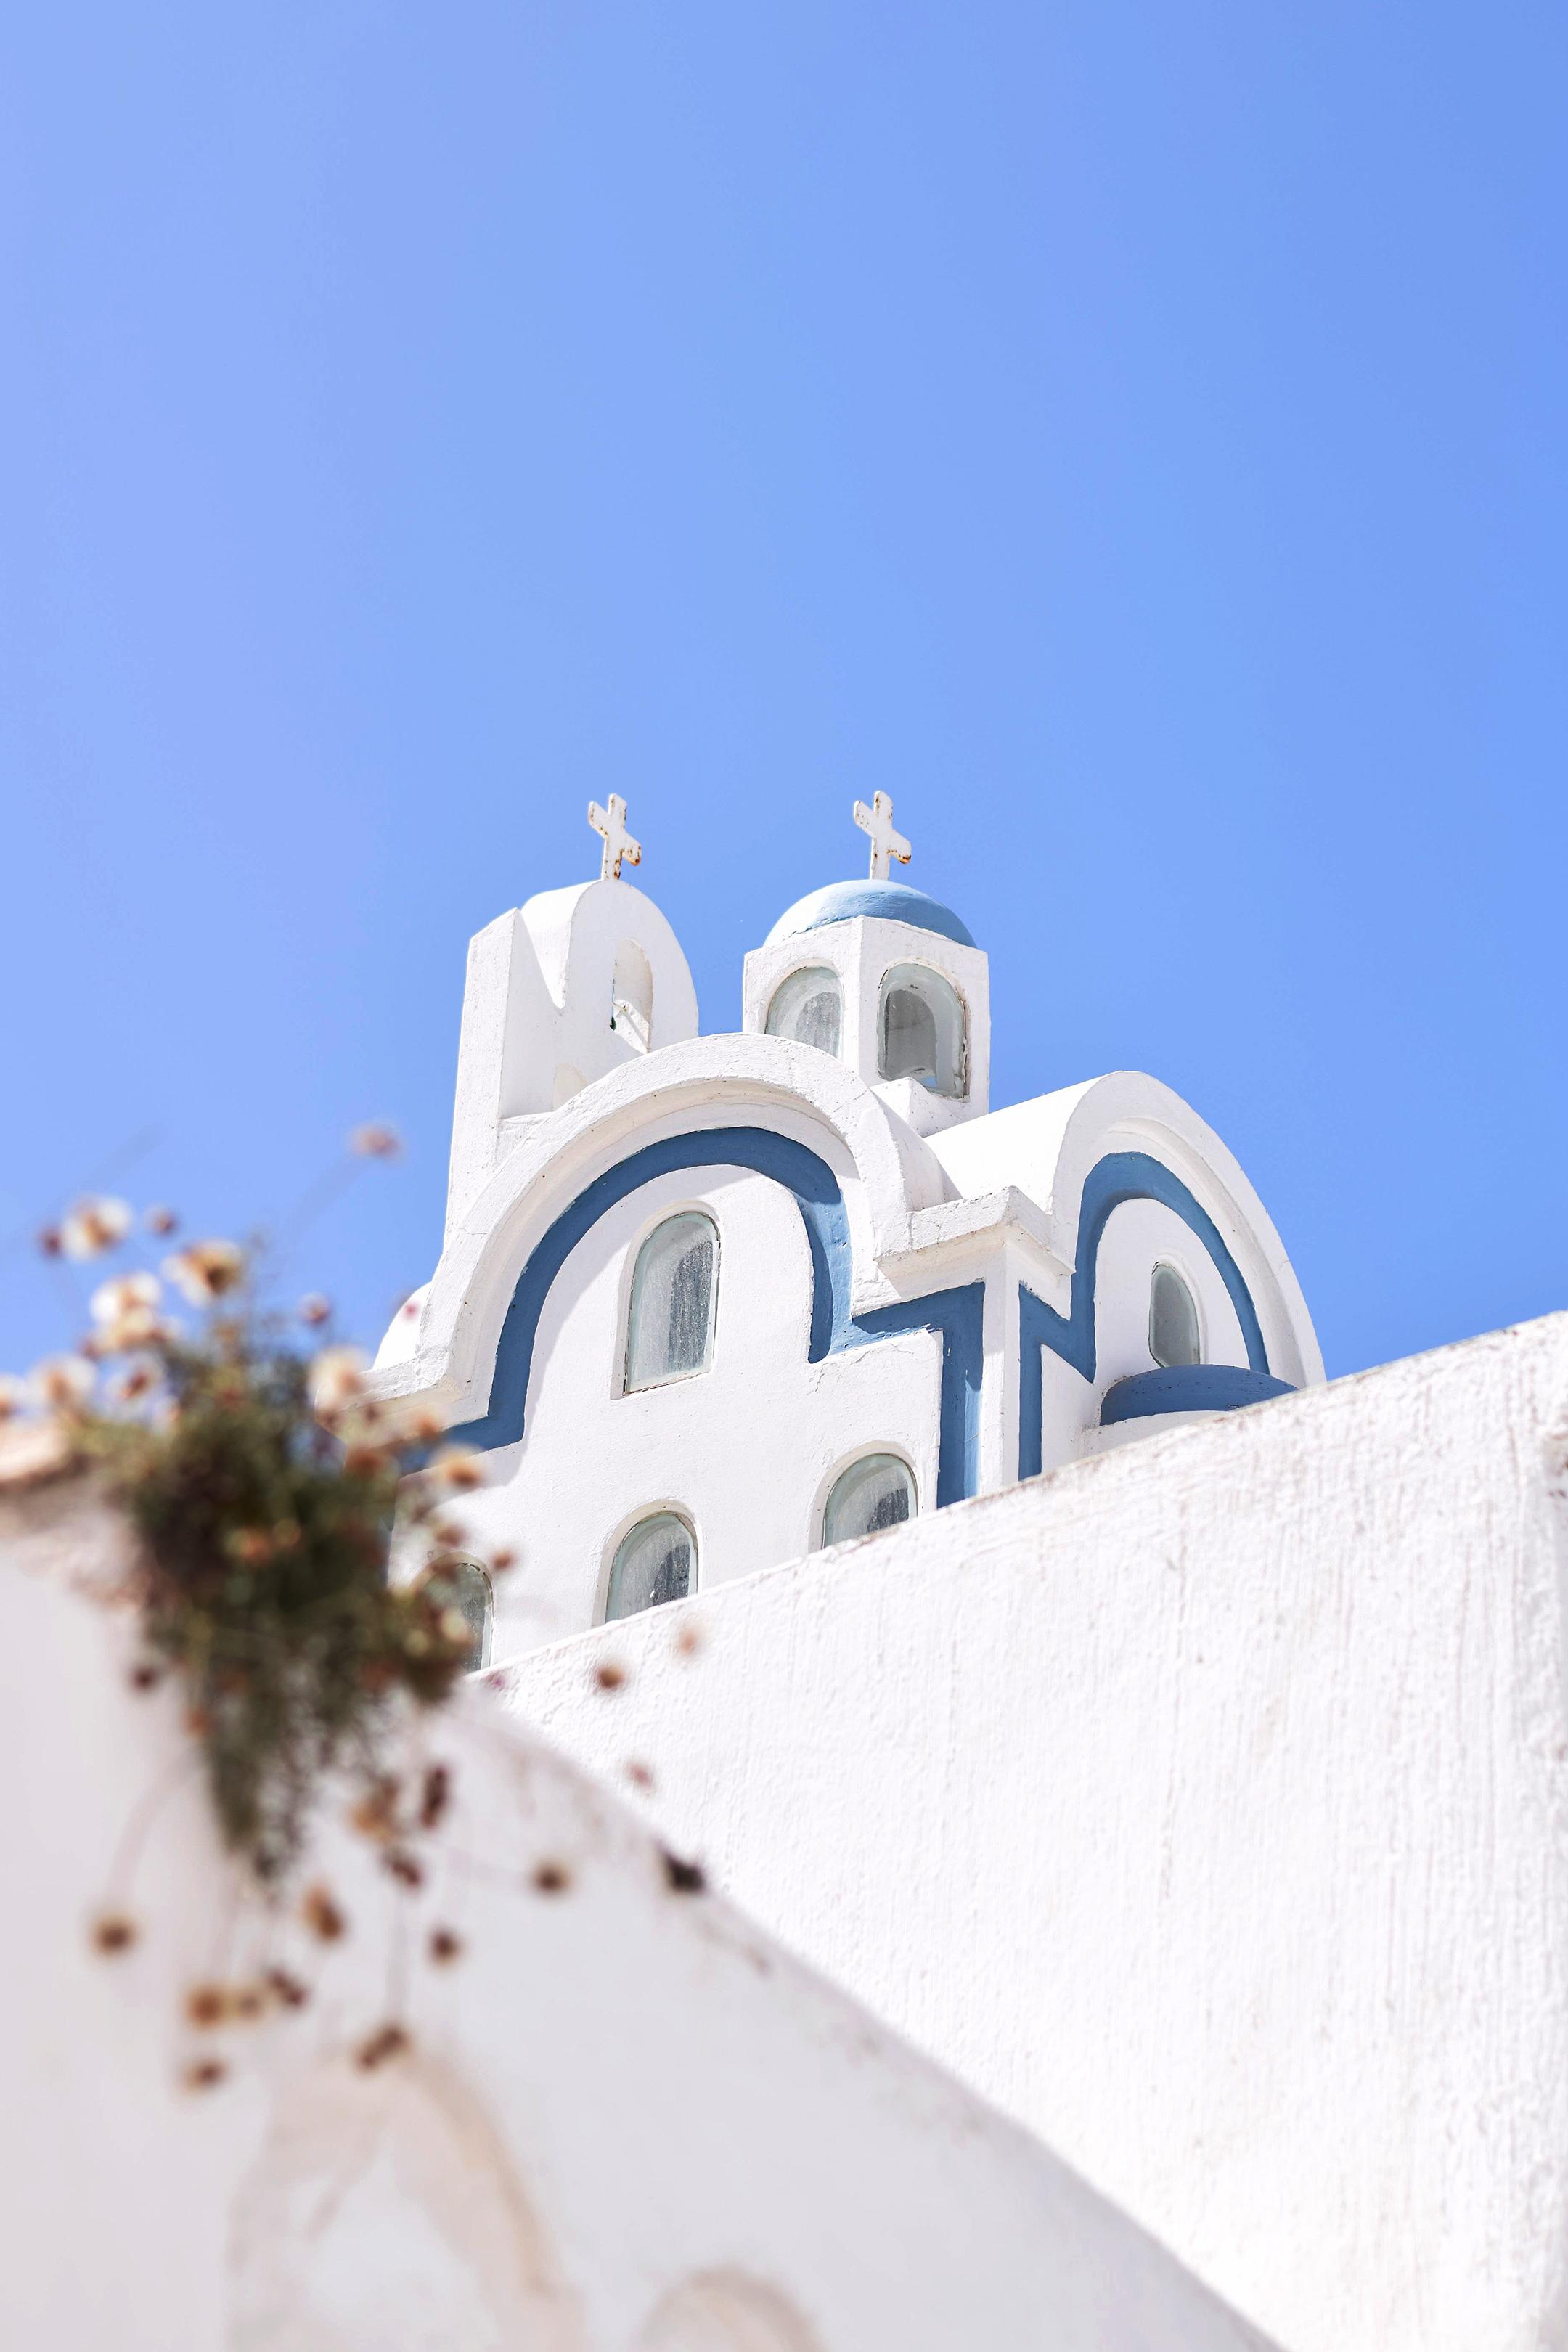 A church in Megalochori, Santorini